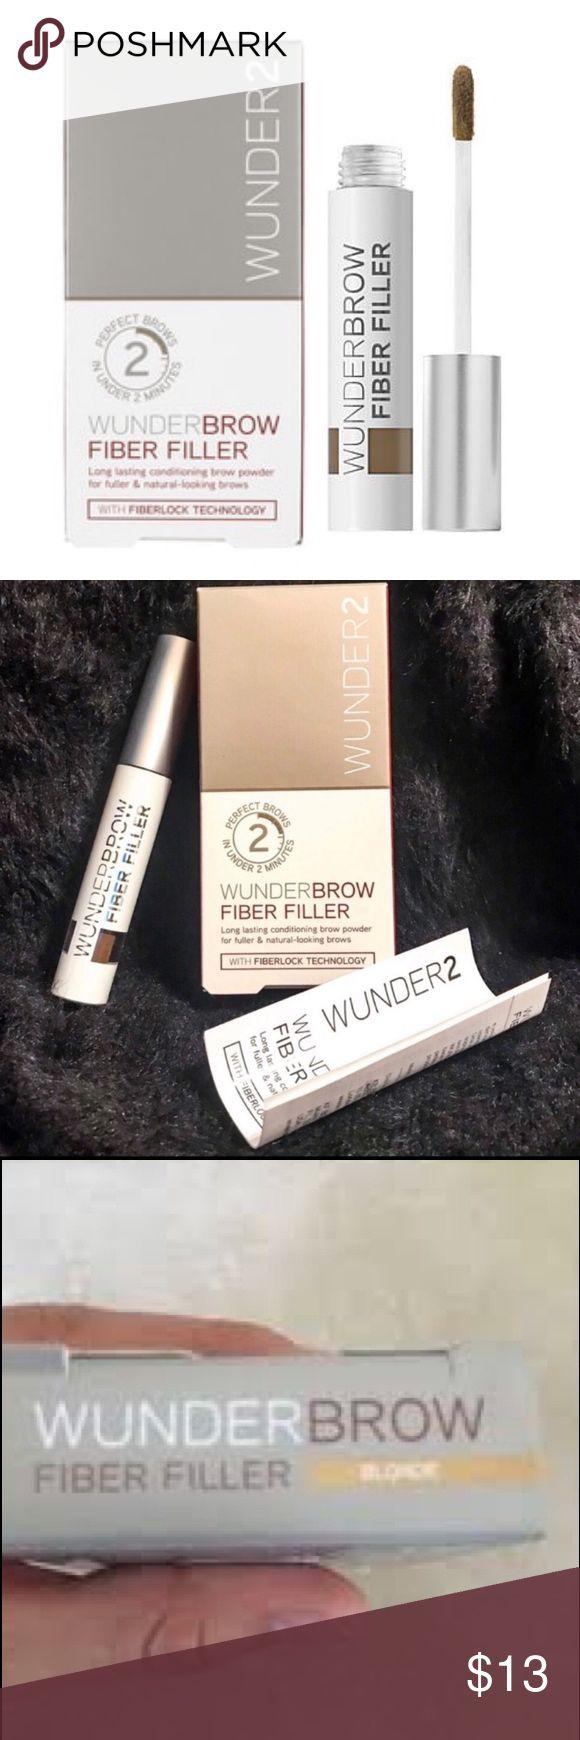 Winderbrow Fiber Filler – Blonde Wunderbrow Fiber …